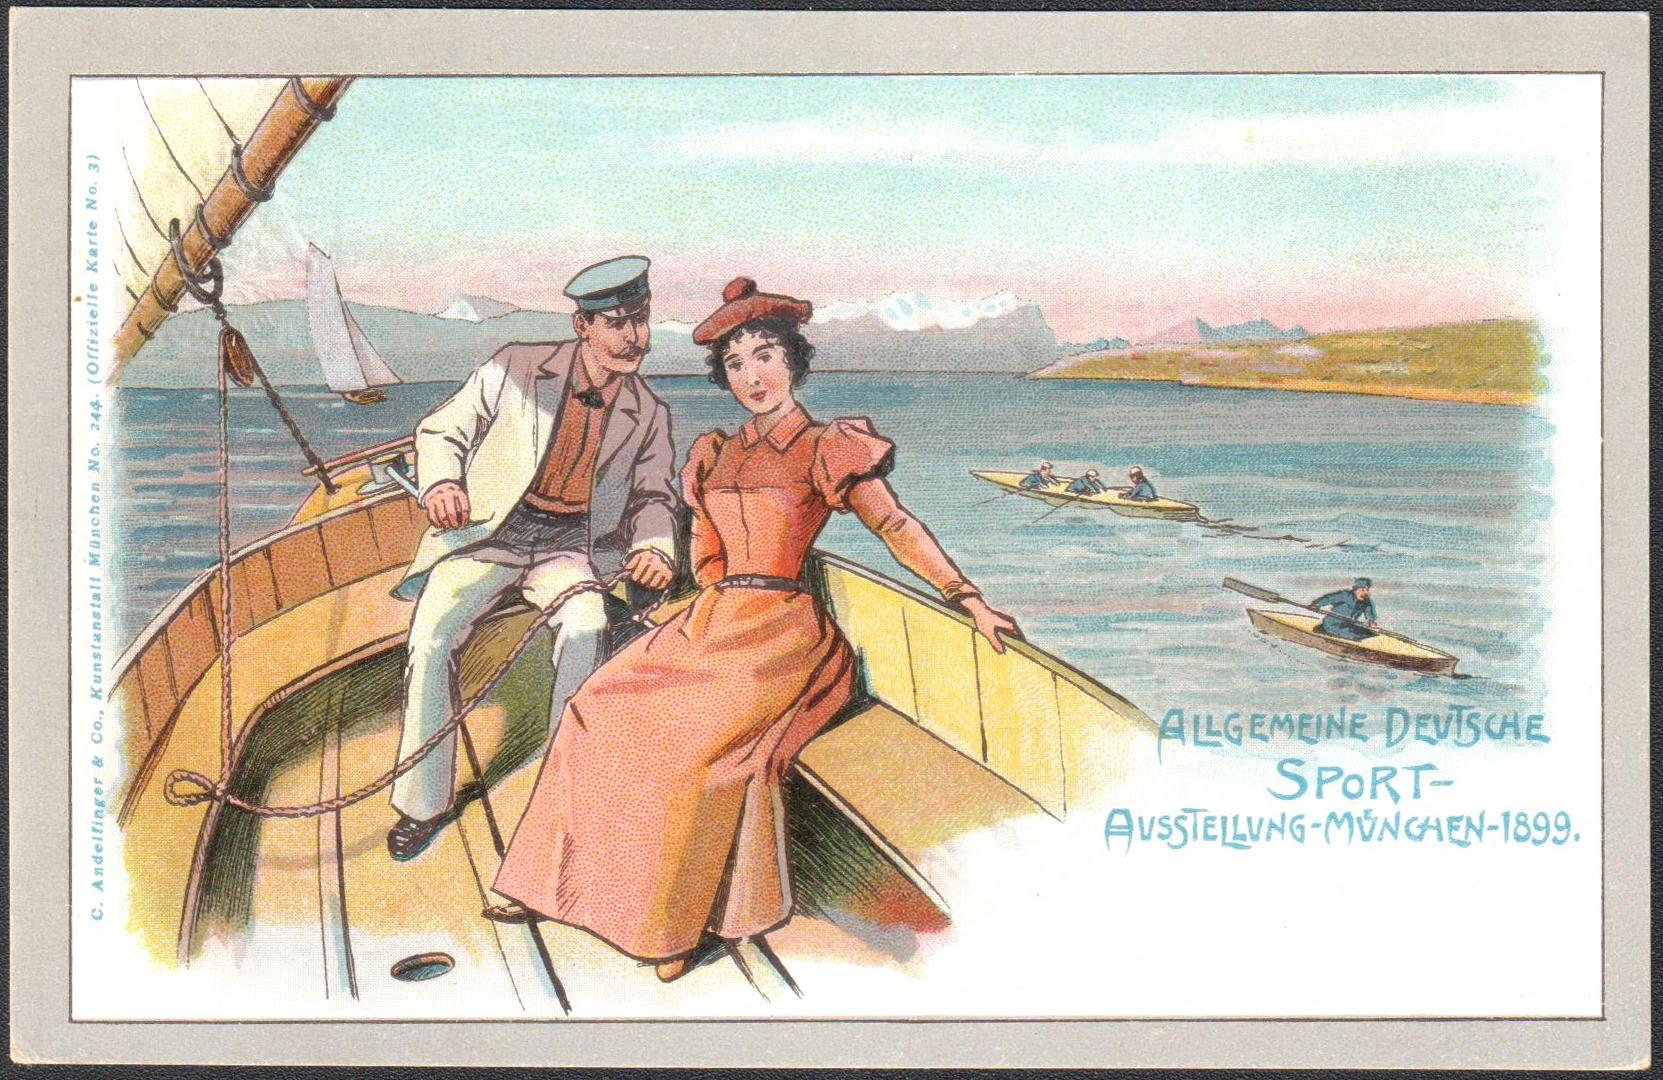 NEMECKO 1899 - V�eobecn� nemeck� �portov� v�stava MN�CHOV 1899 (Vodn� �porty)